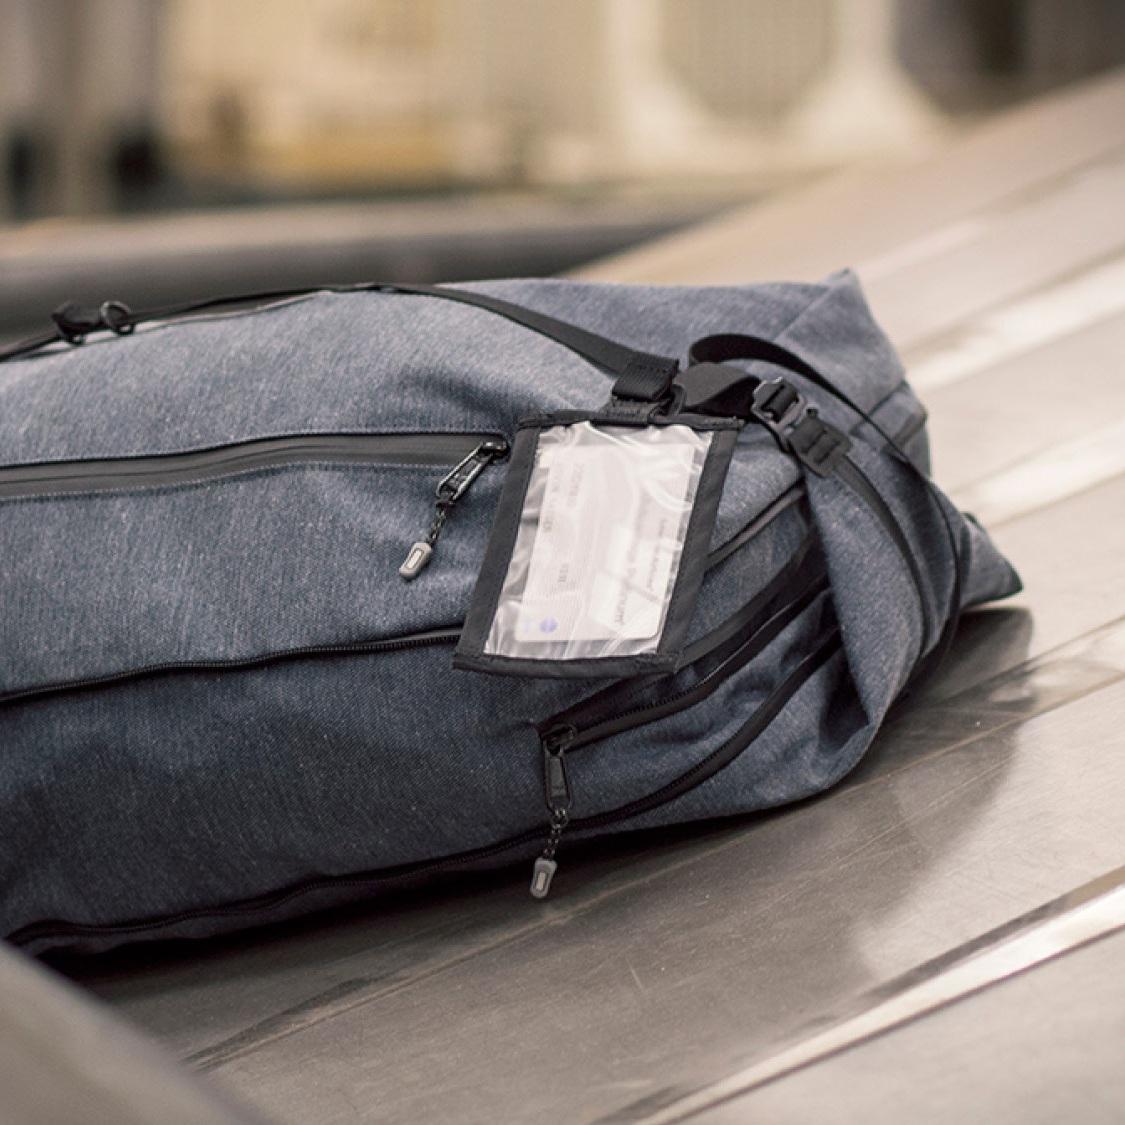 Grand-Trunk-Luggage-ID-Tag.jpg